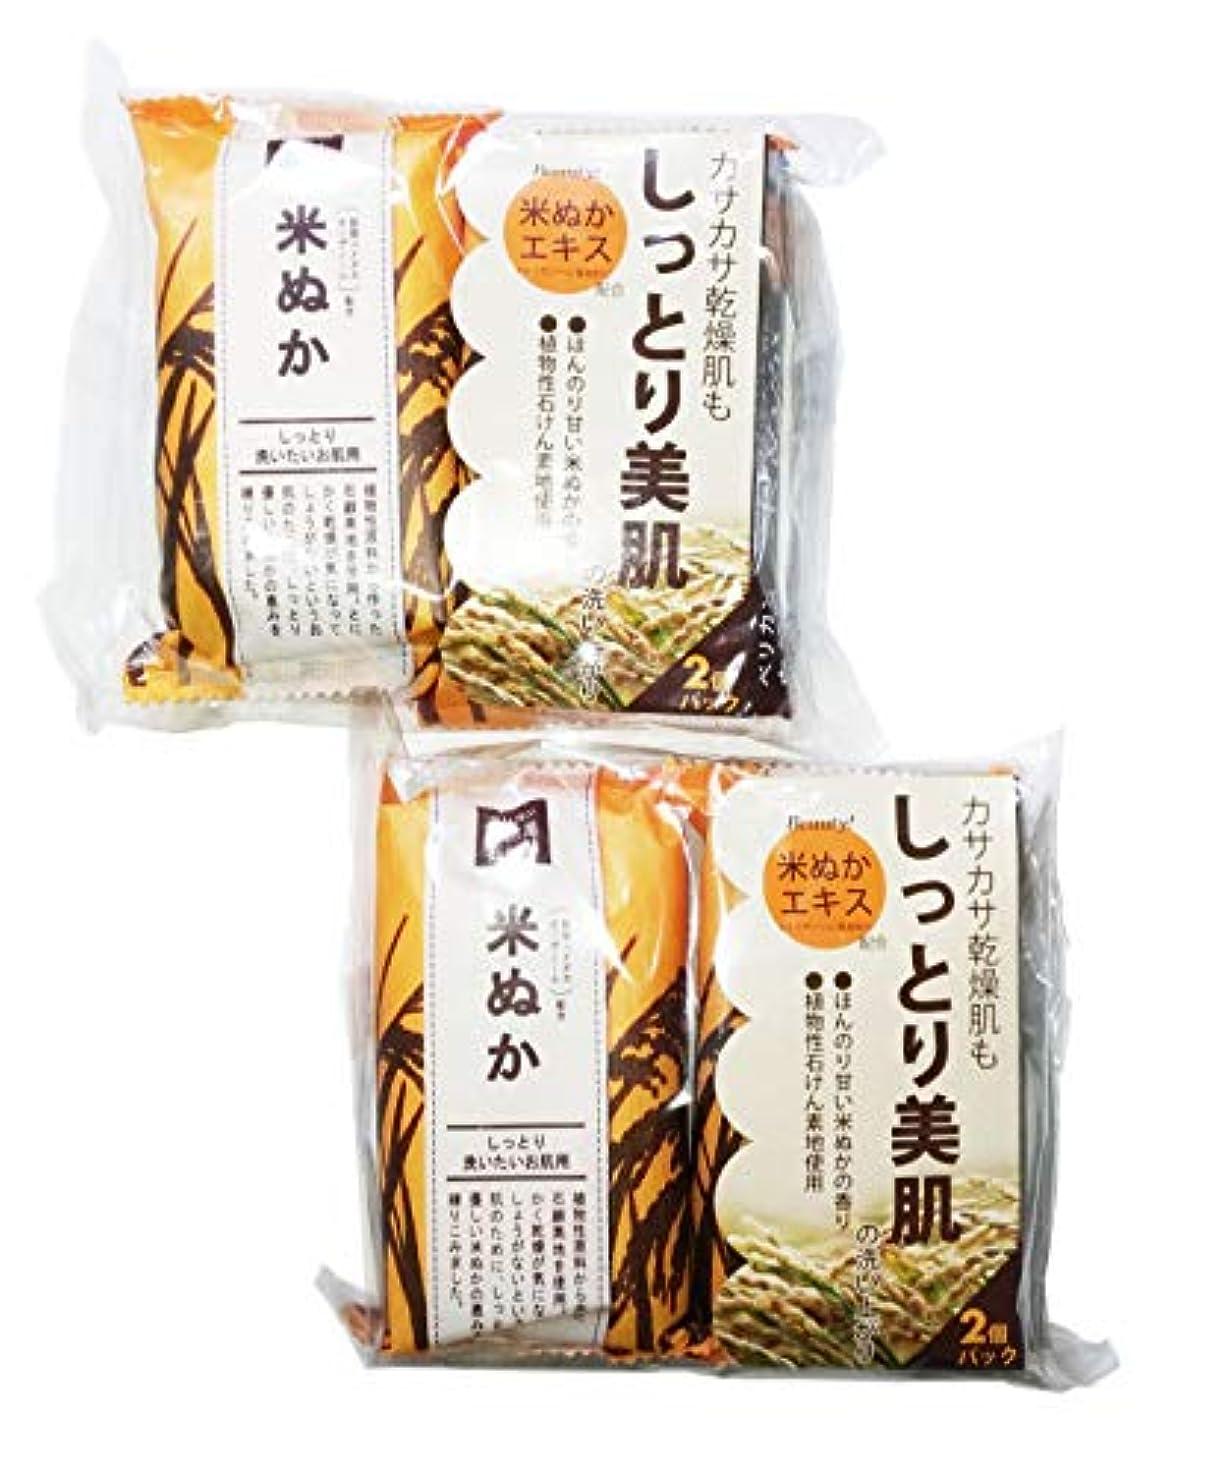 どれでも爬虫類サイトペリカン石鹸 自然派石けん 米ぬか 100g (2個入×2袋セット)